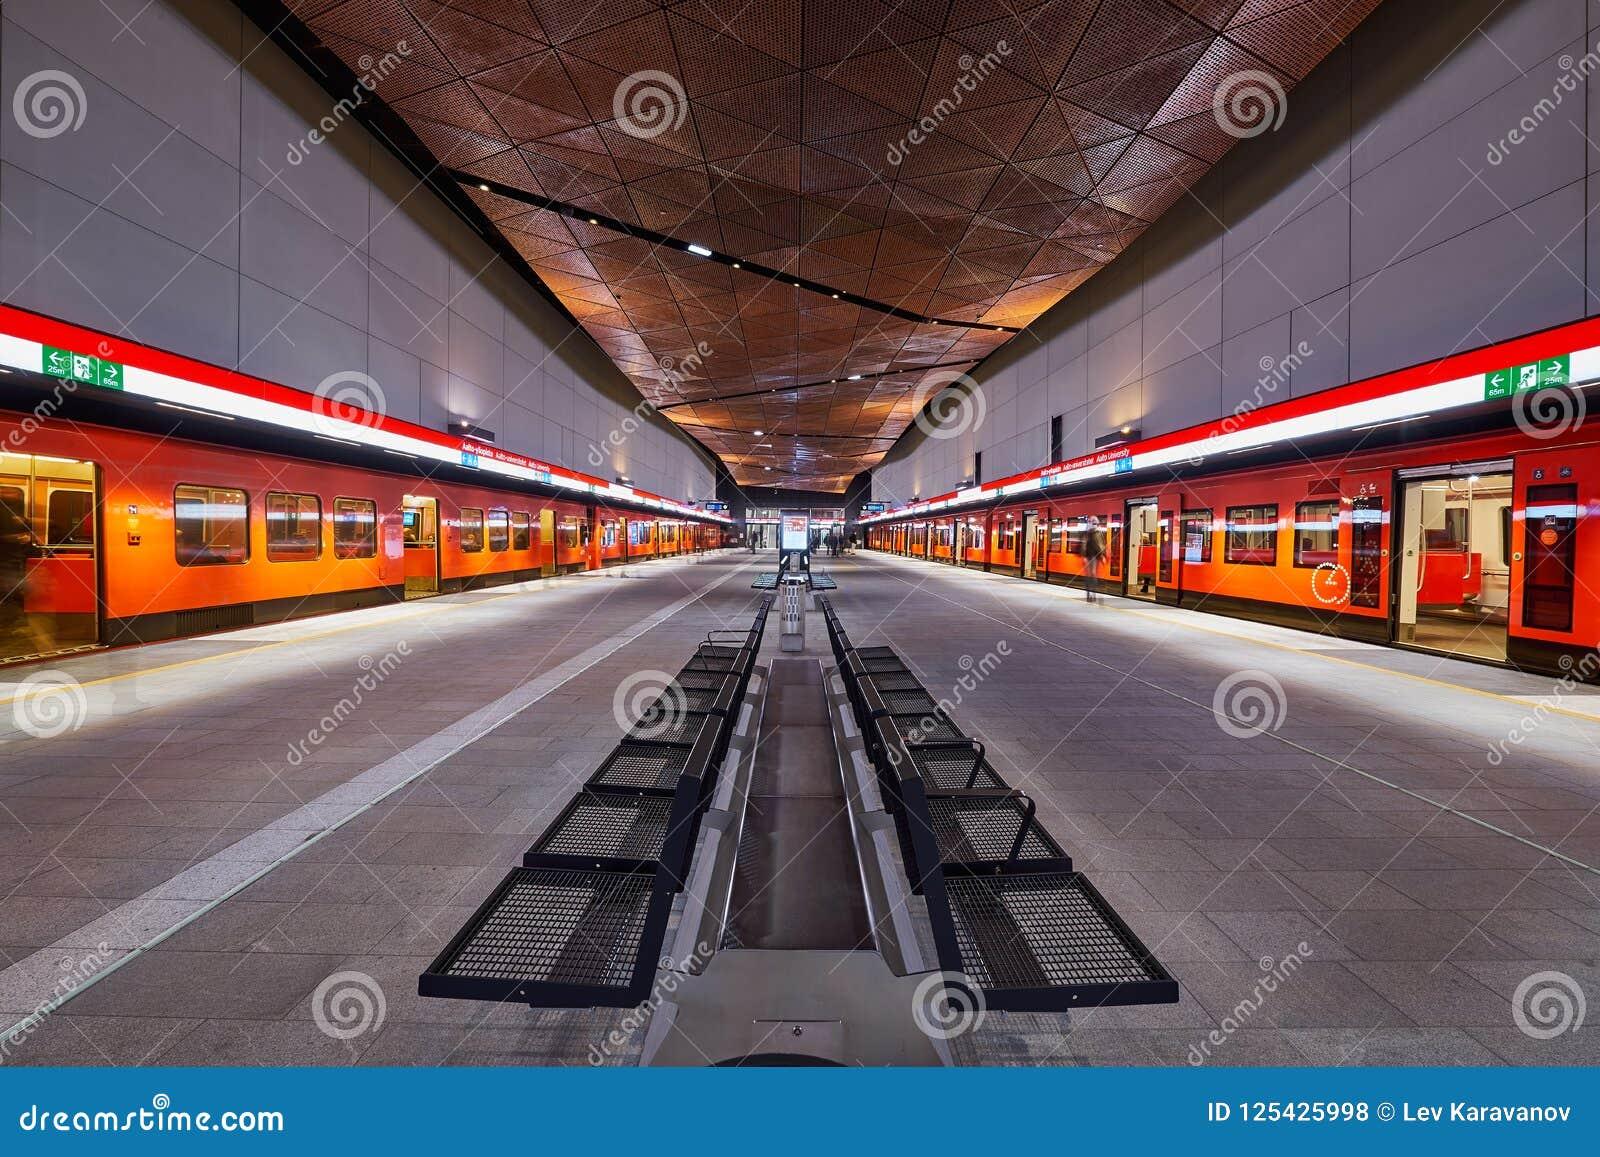 Aalto Yliopisto Metro